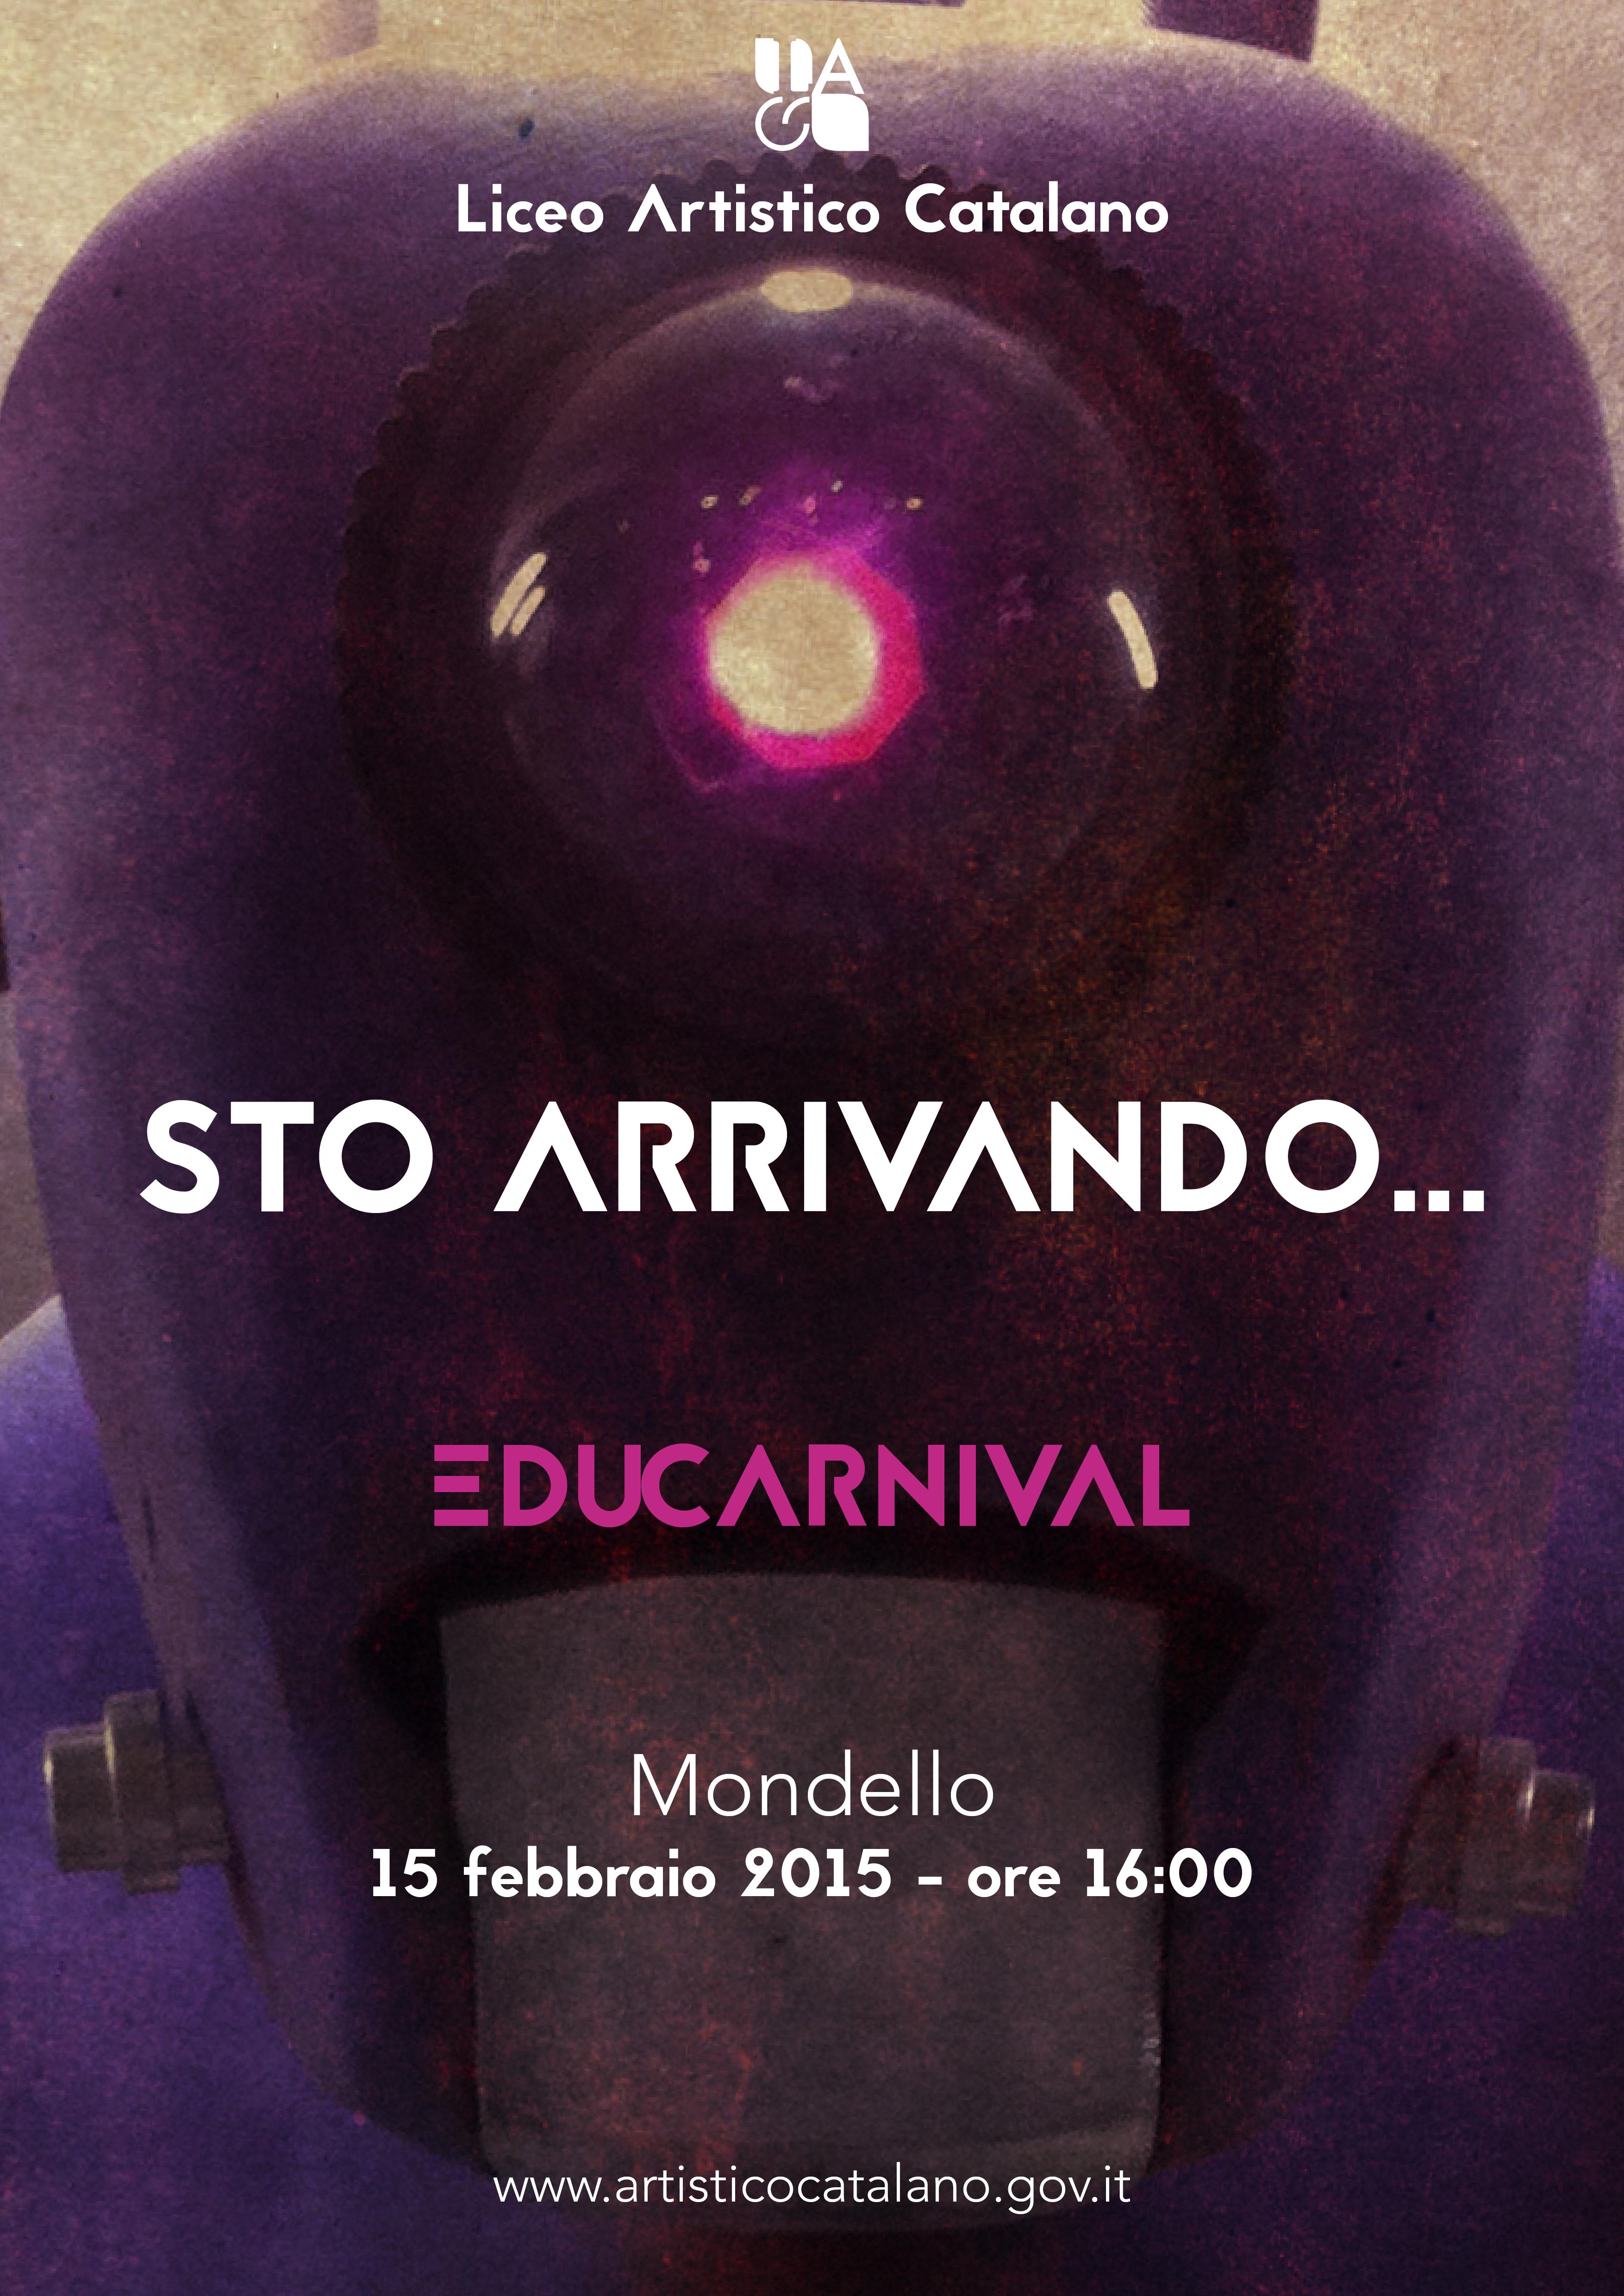 Locandina Educarnival 2015 - Sto' arrivando.png